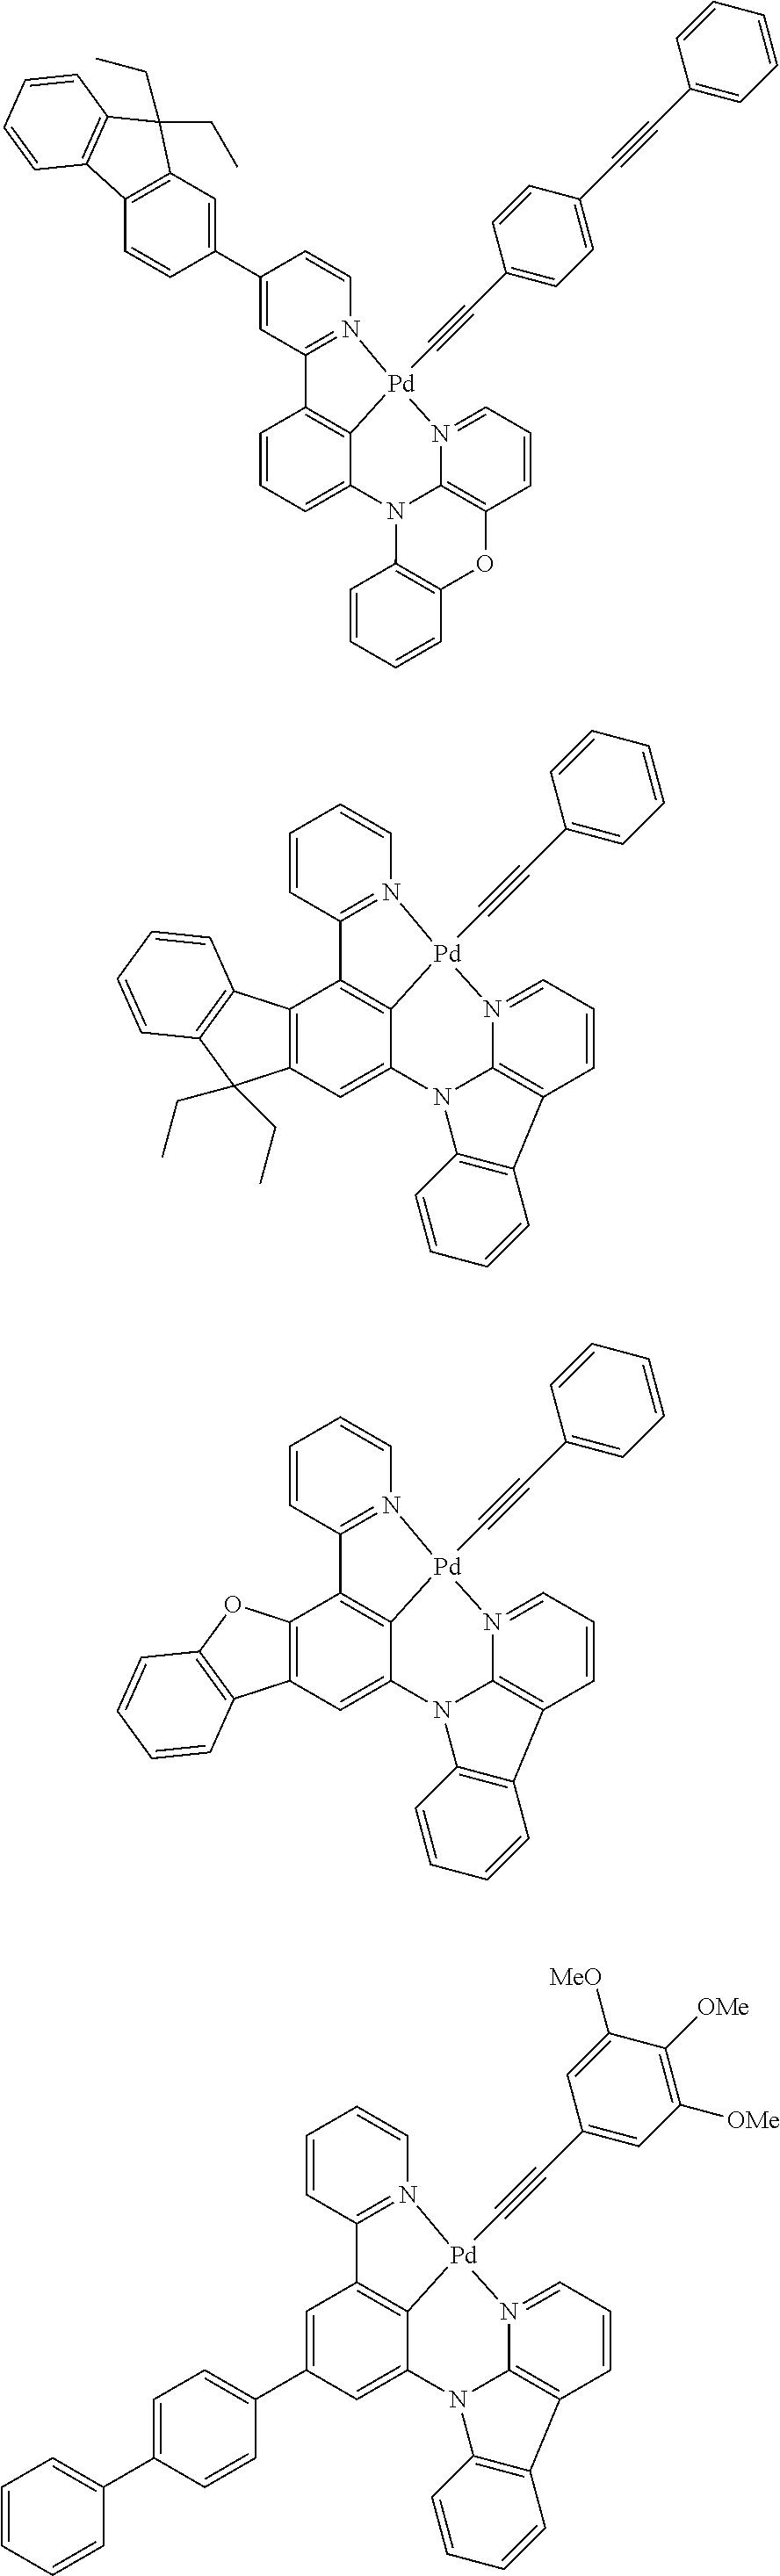 Figure US09818959-20171114-C00213